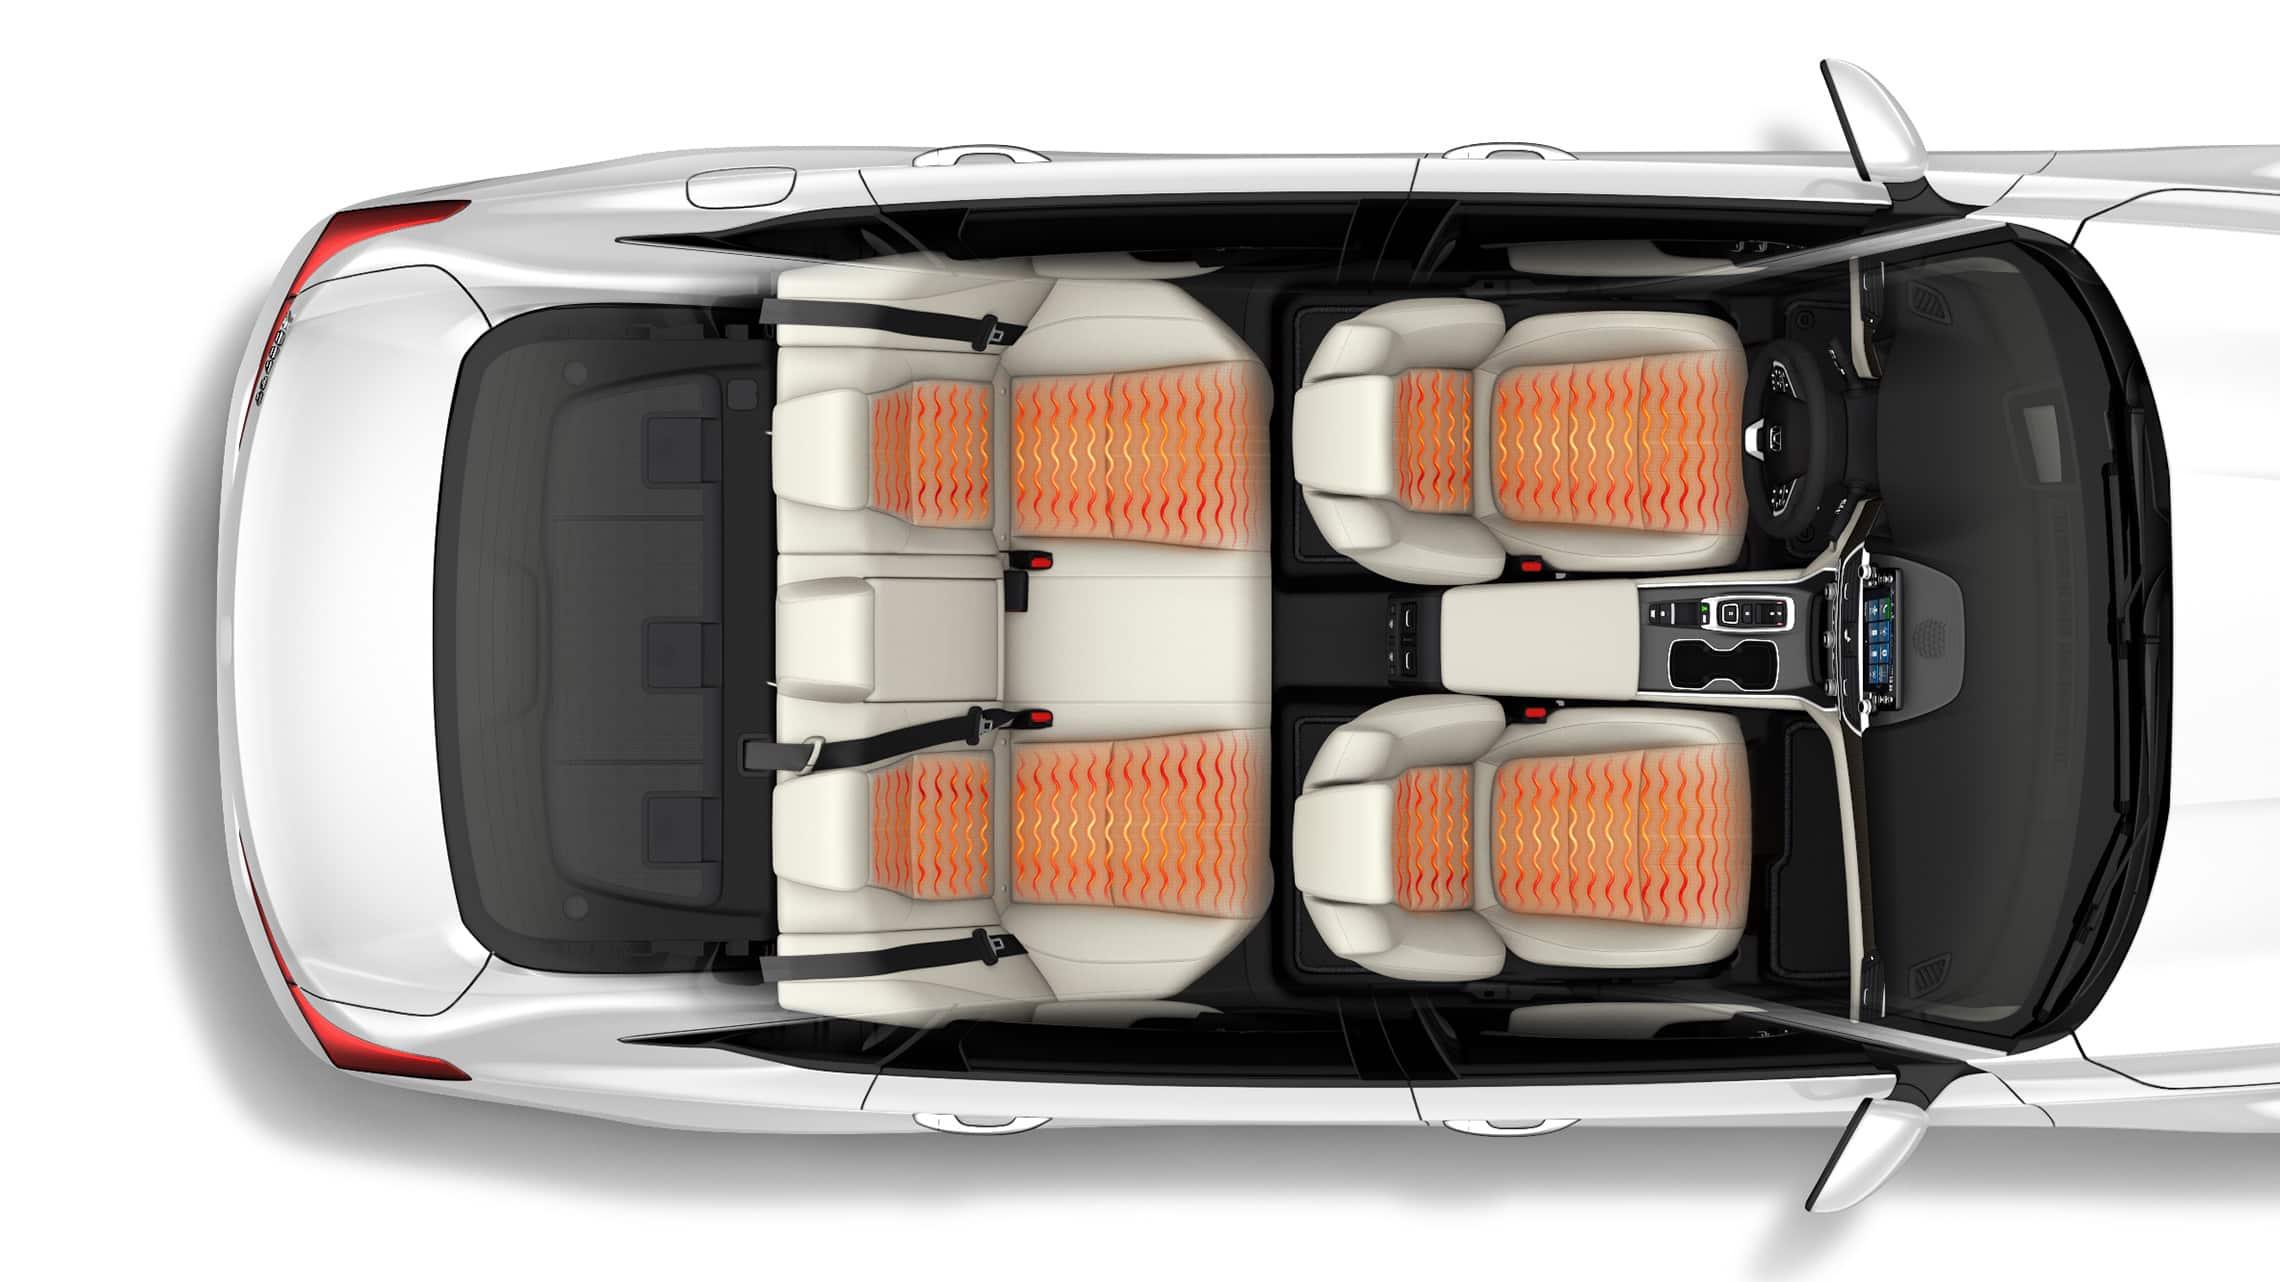 Vista interior aérea del Honda Accord Touring2.0T2021 con ondas de temperatura ilustradas que muestran asientos delanteros y asientos traseros laterales calefaccionados.